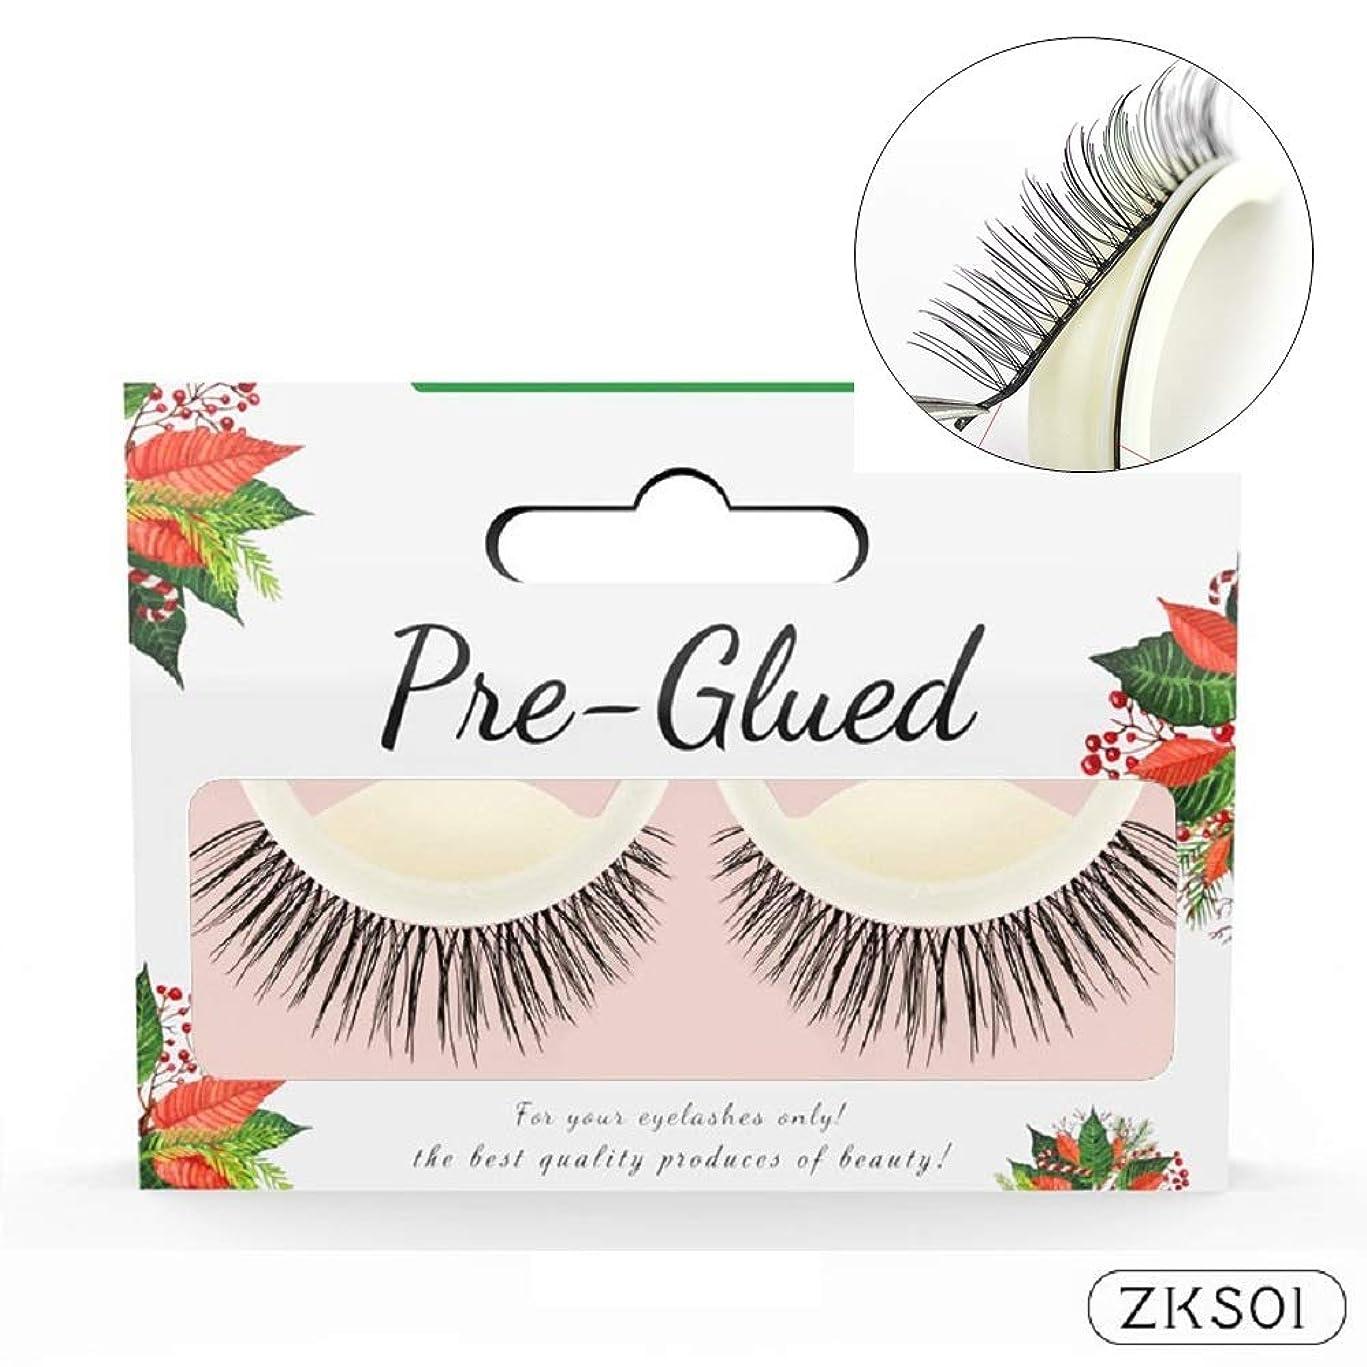 グレード起きろ蜜2Pair/set 3D Handmade False Eyelash Self Adhesive Lashes No Glue Makeup Natural Long Fake Lash Extension Beauty Tools 3Dまつげ自己粘着眉毛接着剤メイクアップナチュラルロングフェイクラッシュエクステンション美容ツール